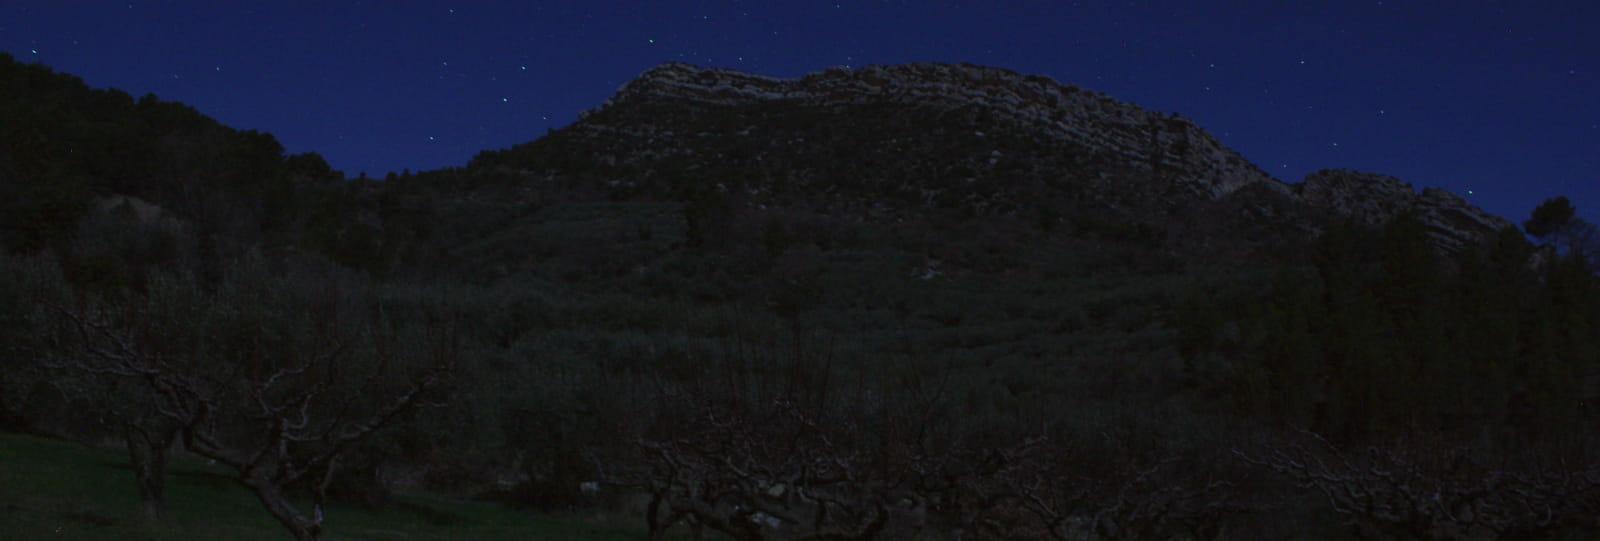 Le monde de la nuit (Baladez curieux)